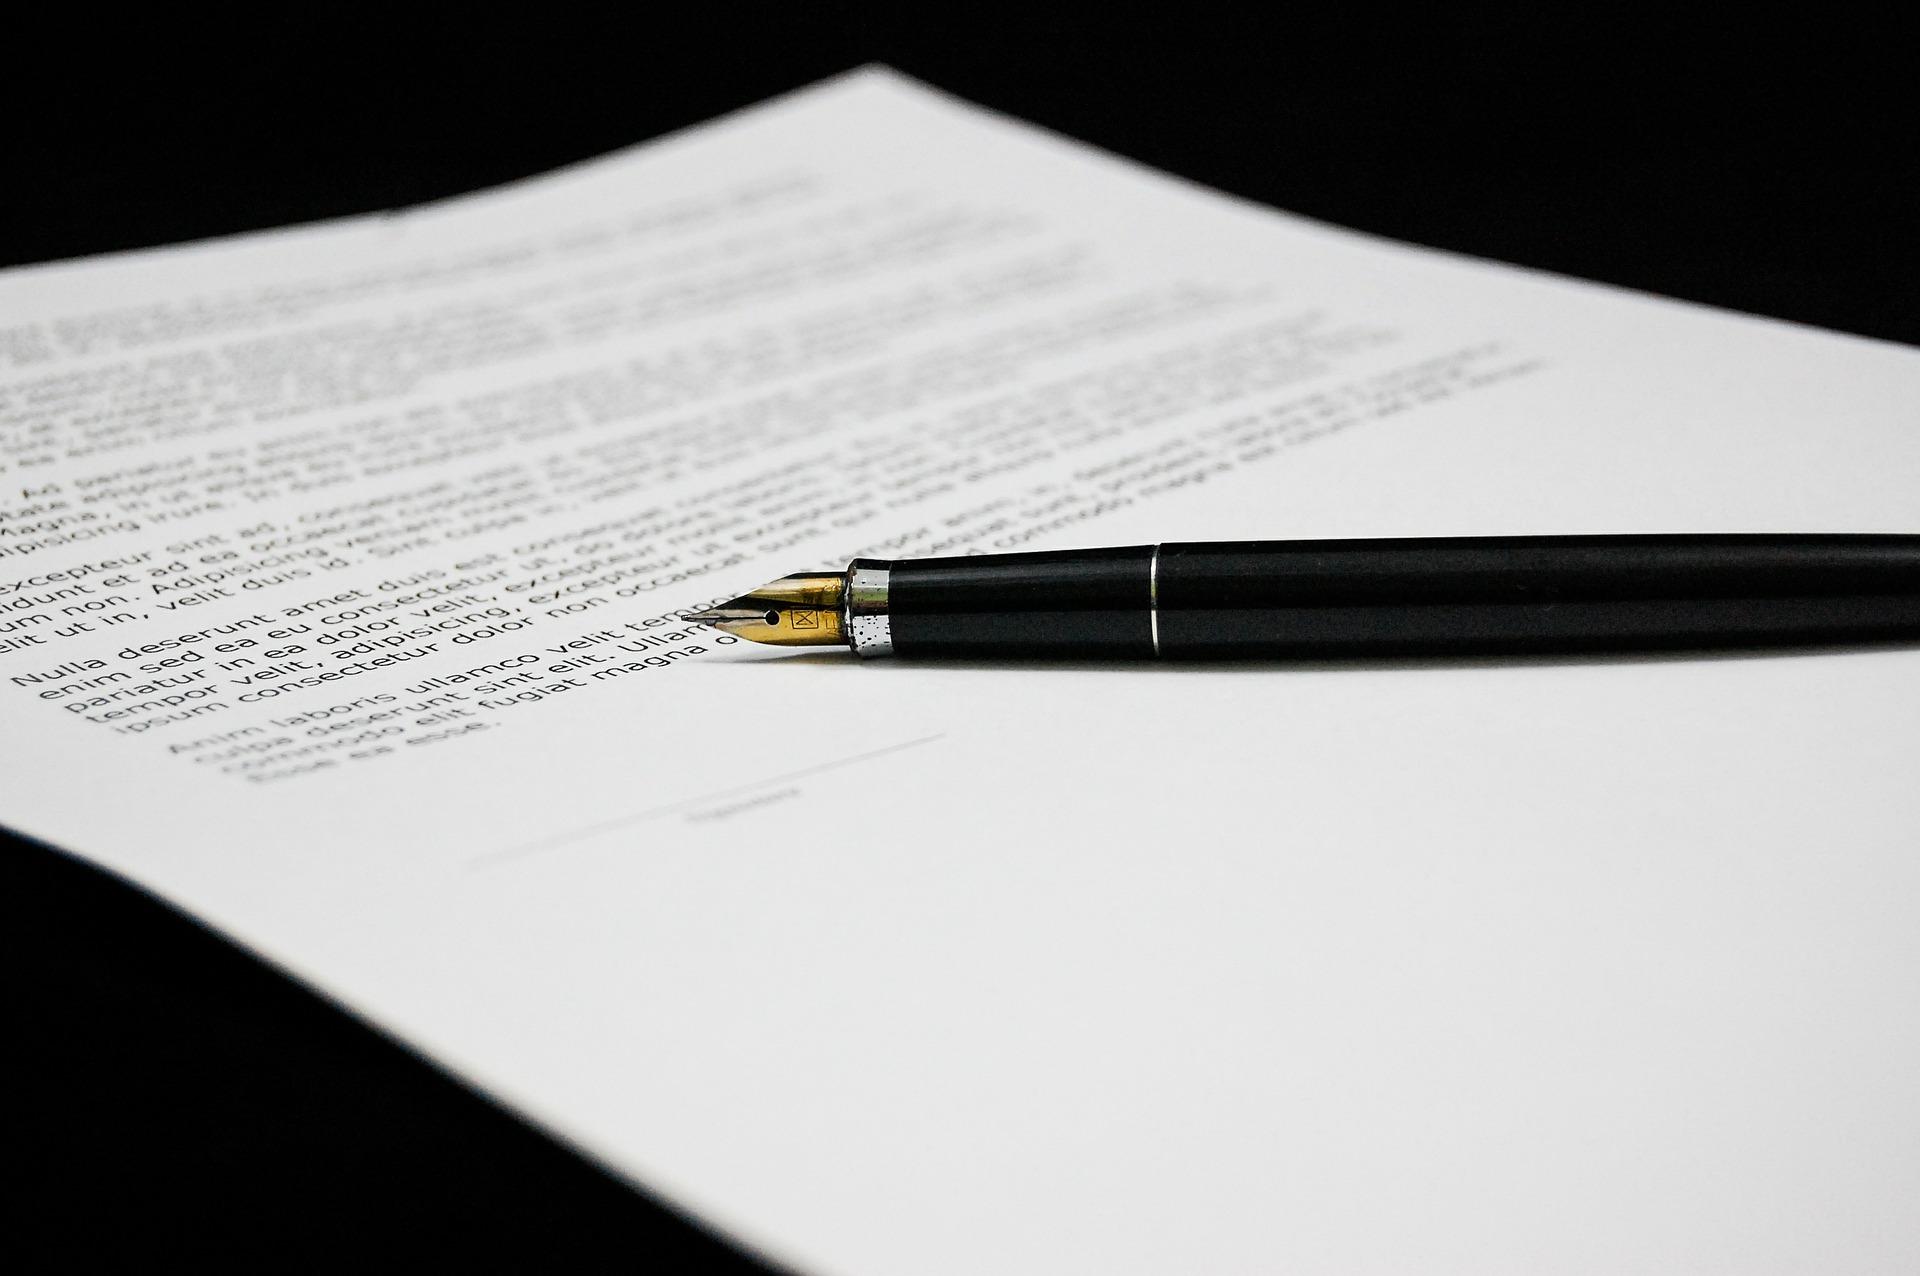 document 428331 1920 - Wordpressのカスタムフィールドとは?追加方法やプラグインのおすすめ3選